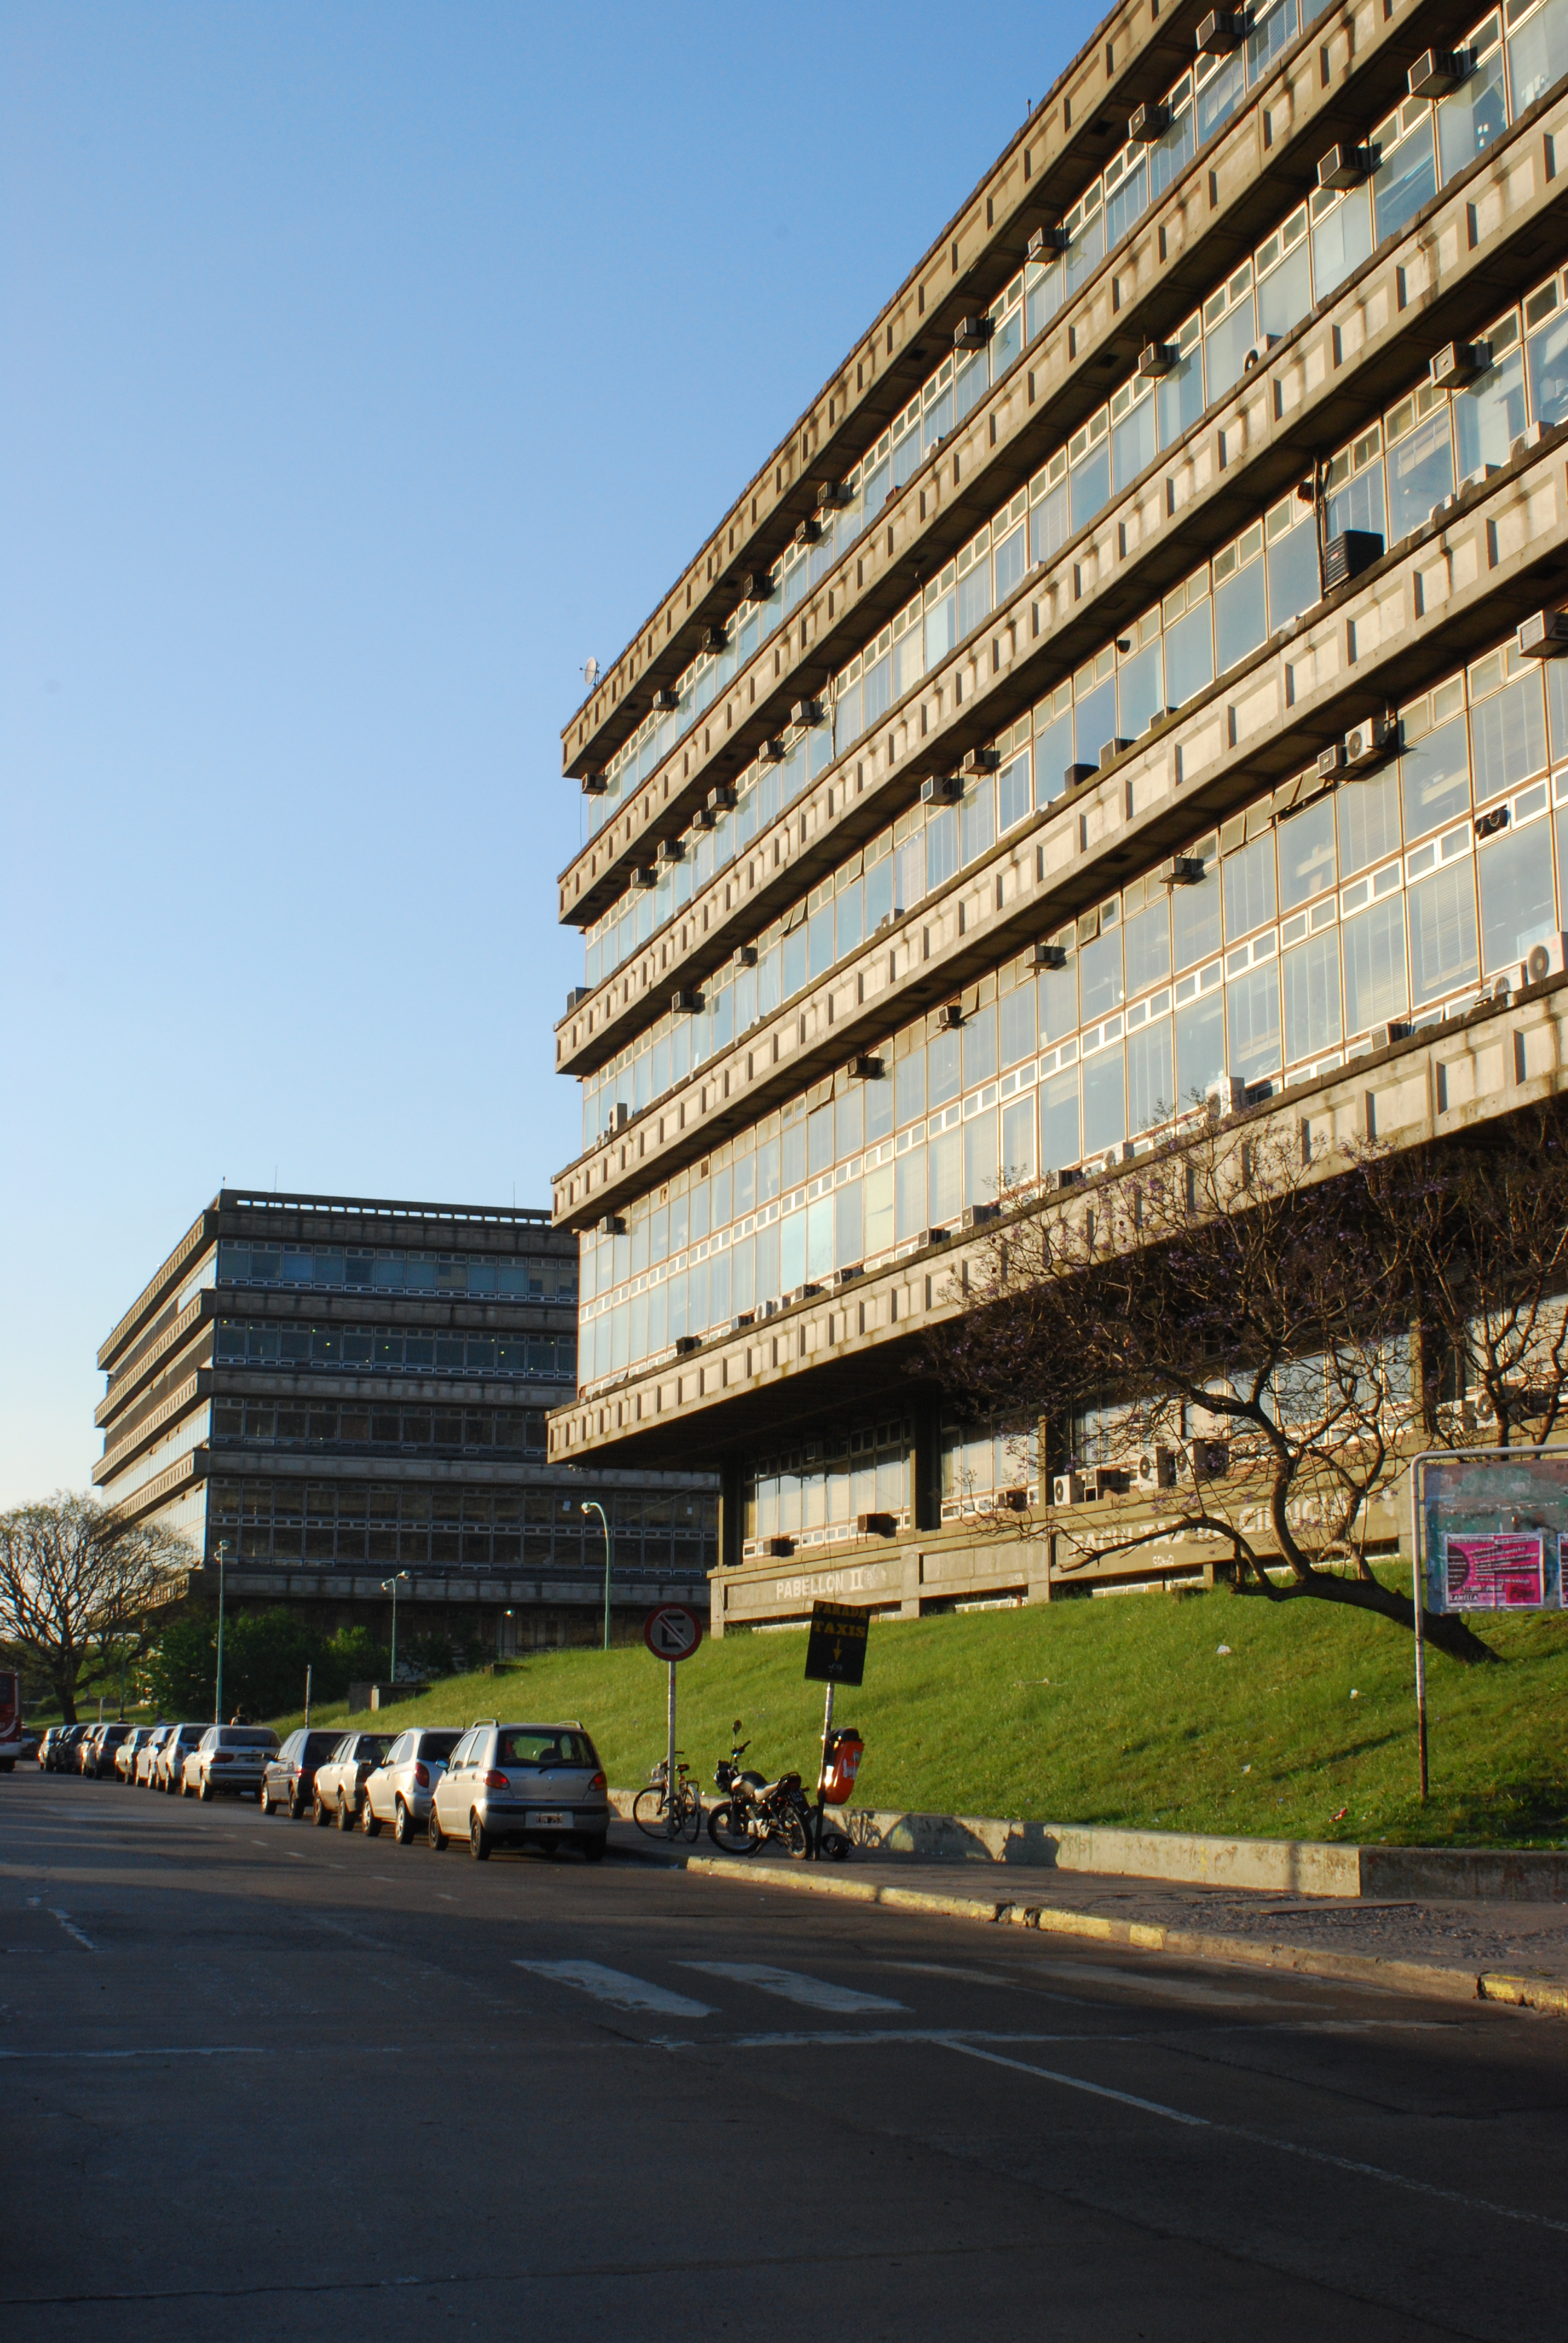 Ciudad Universitaria de Buenos Aires%2C Pabellones 2 y 3 02 %28Buenos Aires%2C noviembre 2008%29